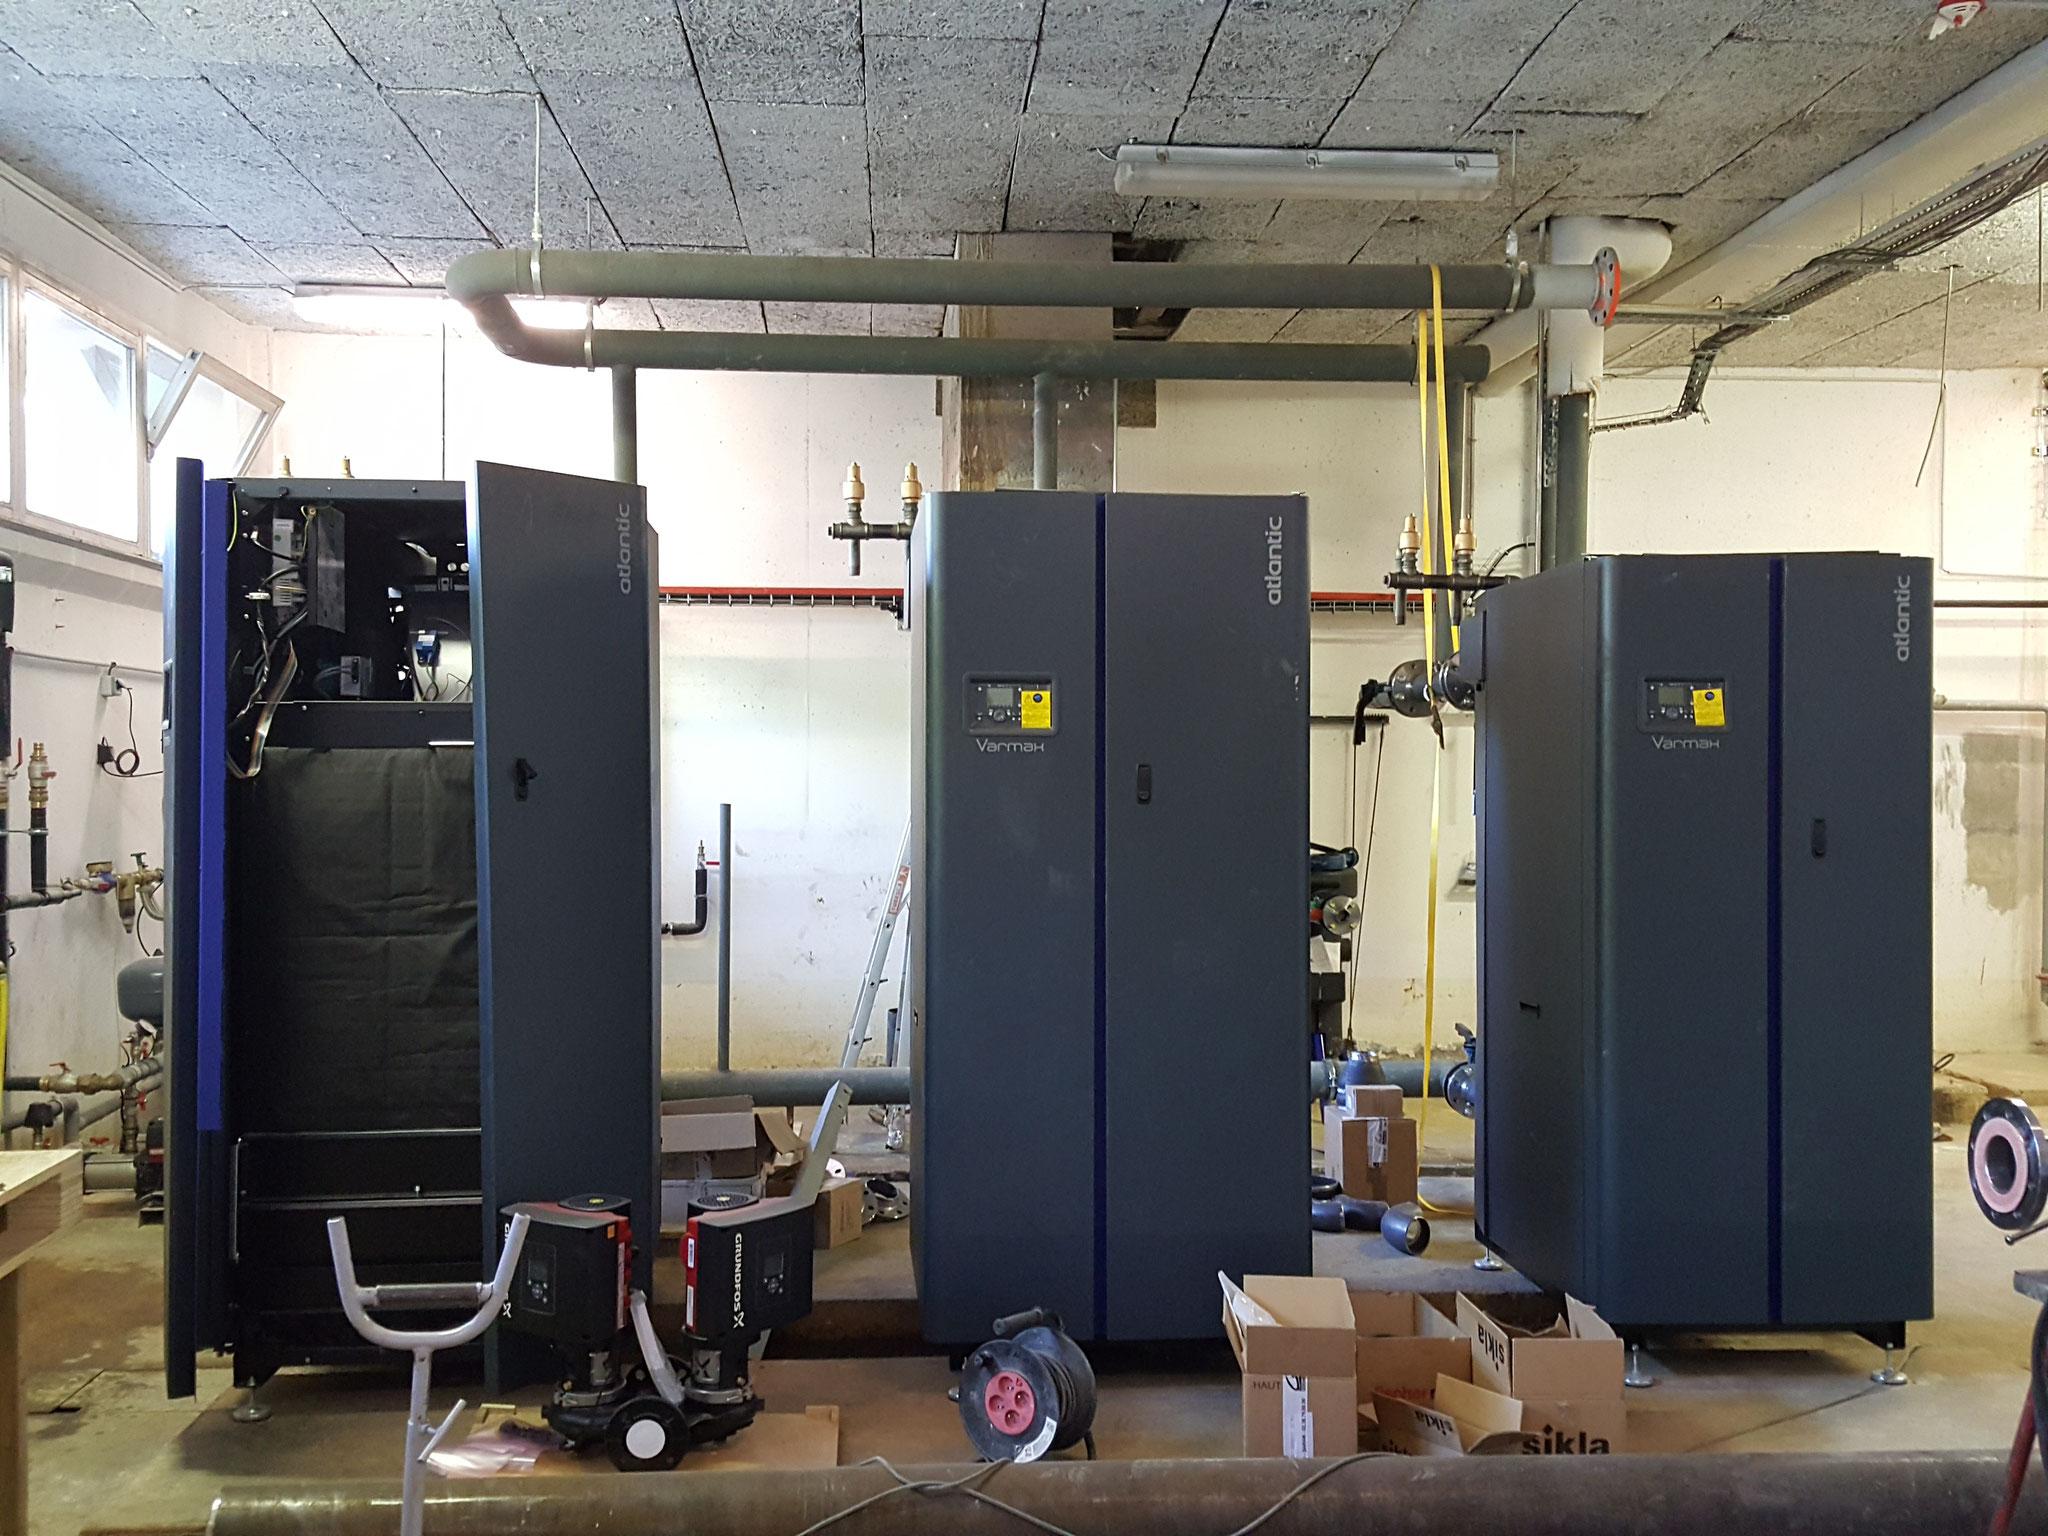 Les chaudières gaz en cours de raccordements hydrauliques